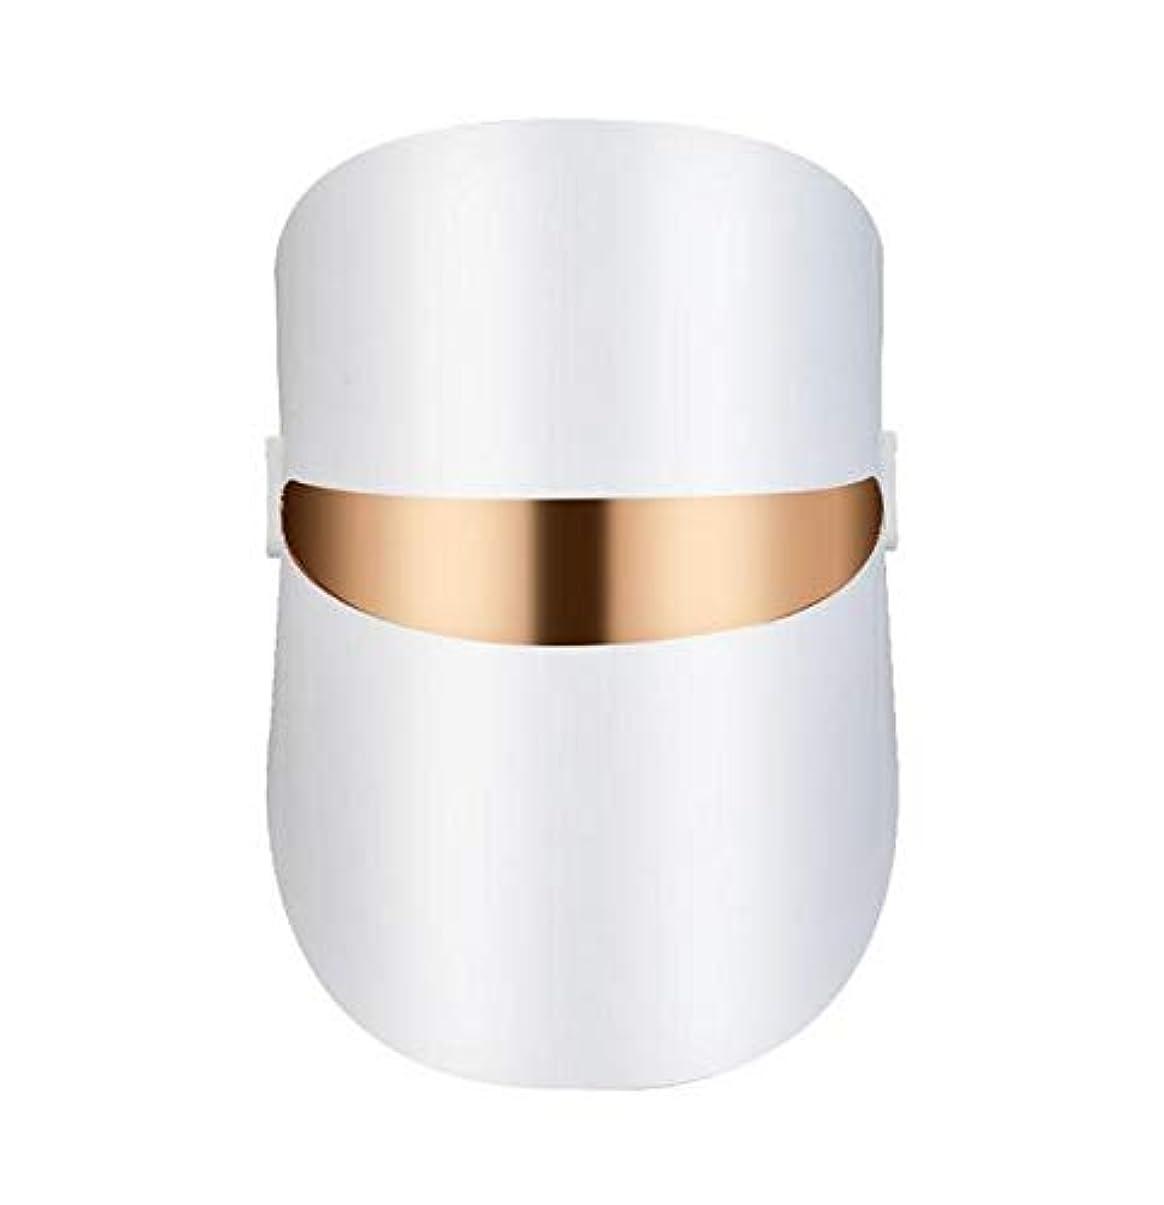 ギャラントリー光沢のある些細LEDマスクフェイシャルケアアンチリンクルマシンにきび除去美容スパデバイス肌の若返りホワイトフェイスマスカー